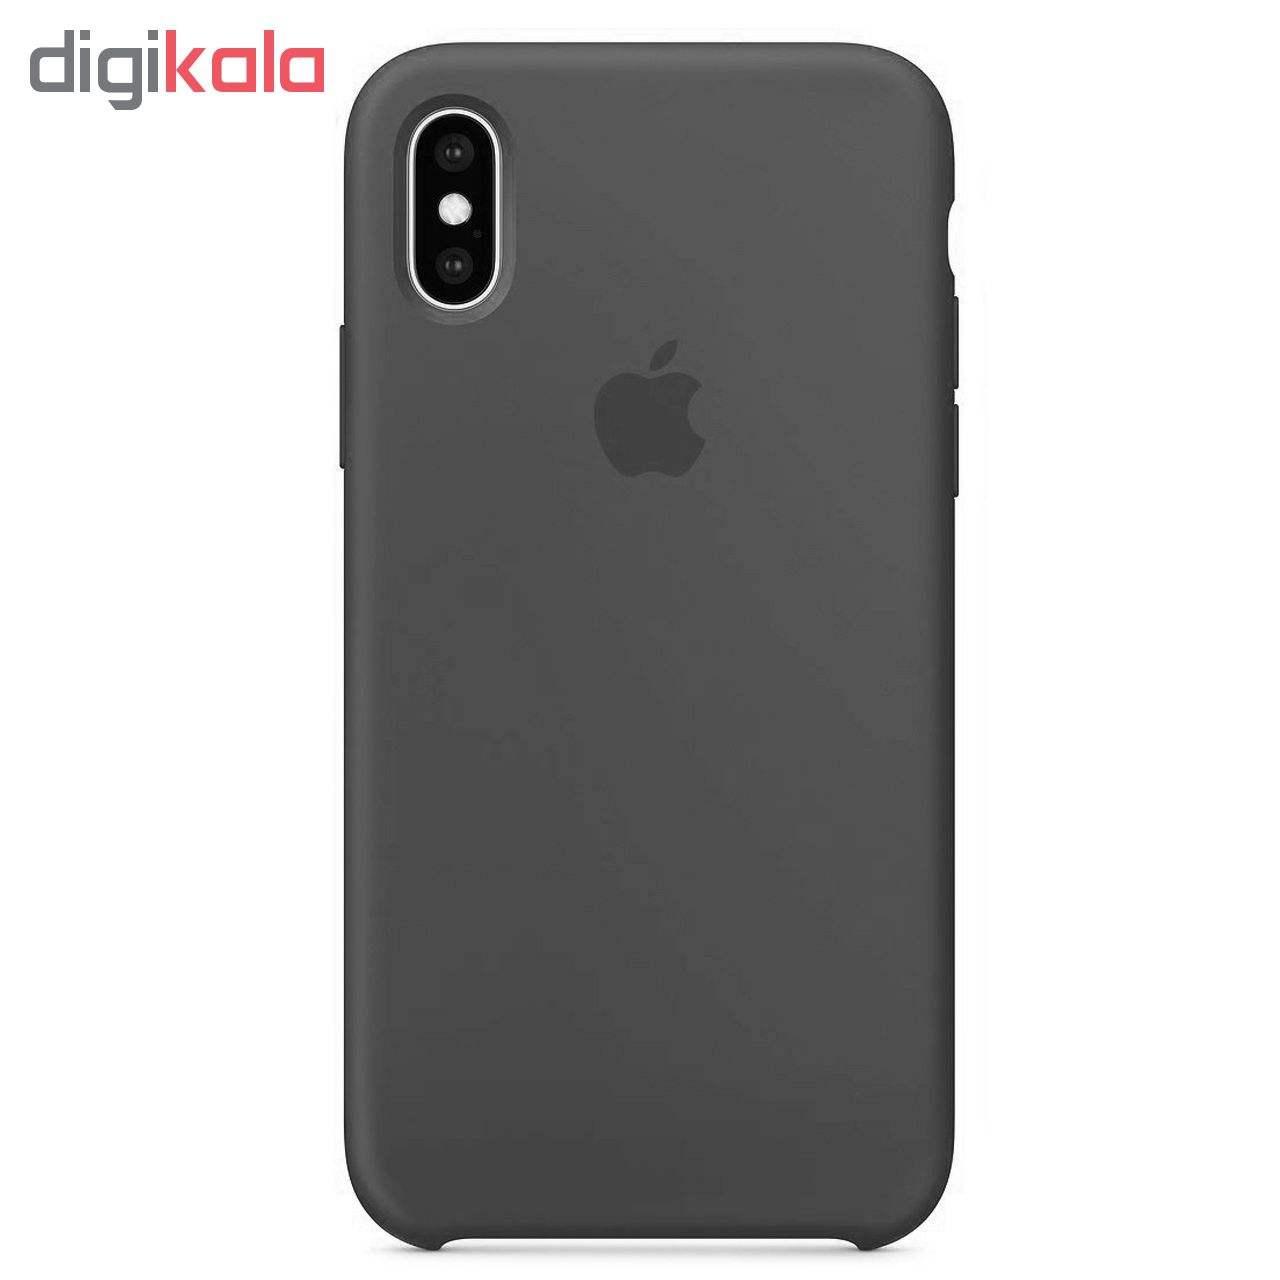 کاور مدل sili004 مناسب برای گوشی موبایل اپل Iphone XS Max thumb 11